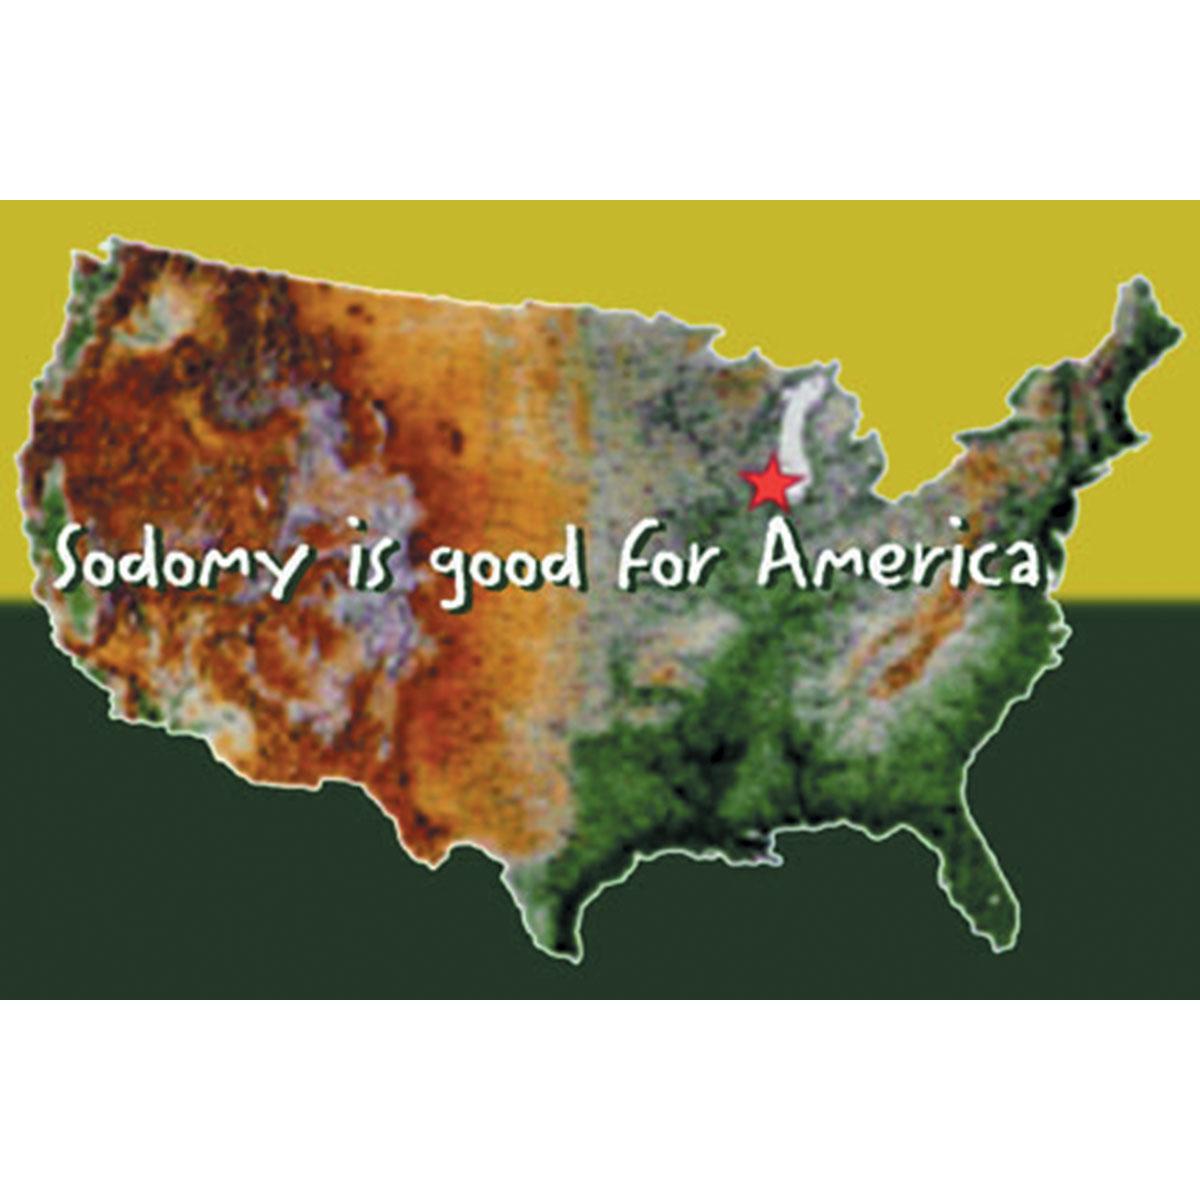 Chuck Jones Sodomy Postcard.jpg